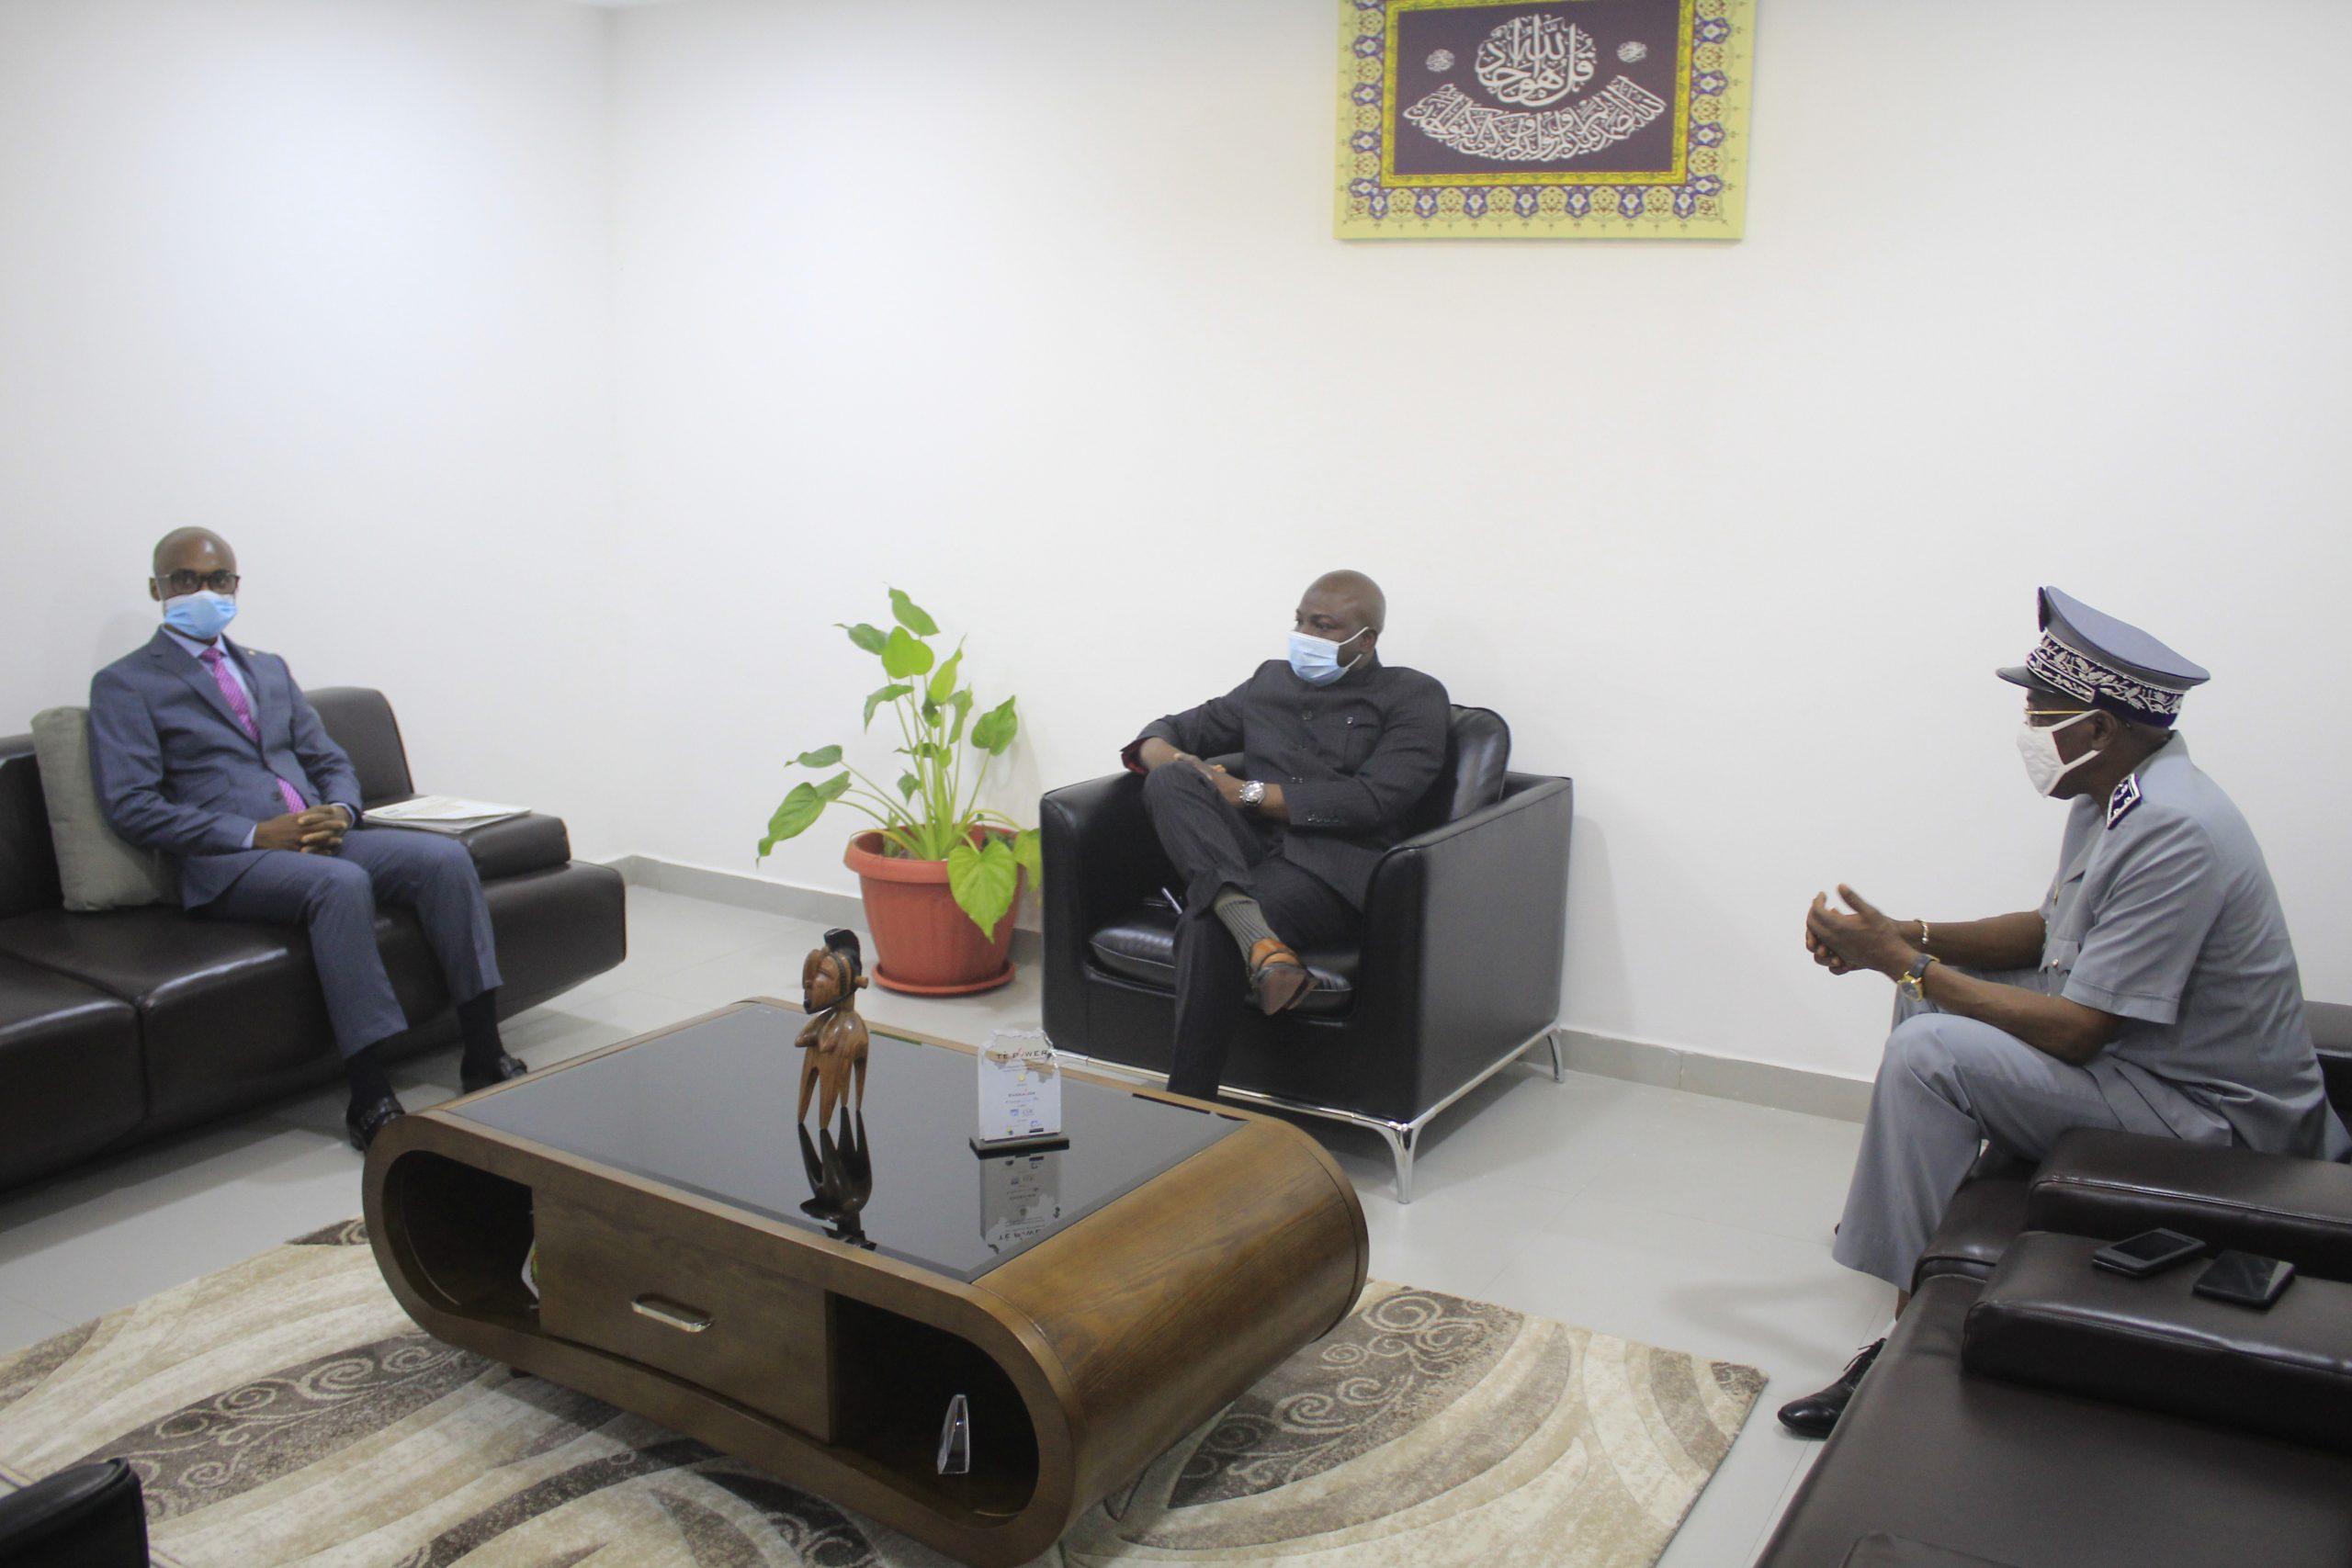 Le Ministre du Budget reçoit le Directeur Général des Douanes et des Droits Indirects de la République du Congo